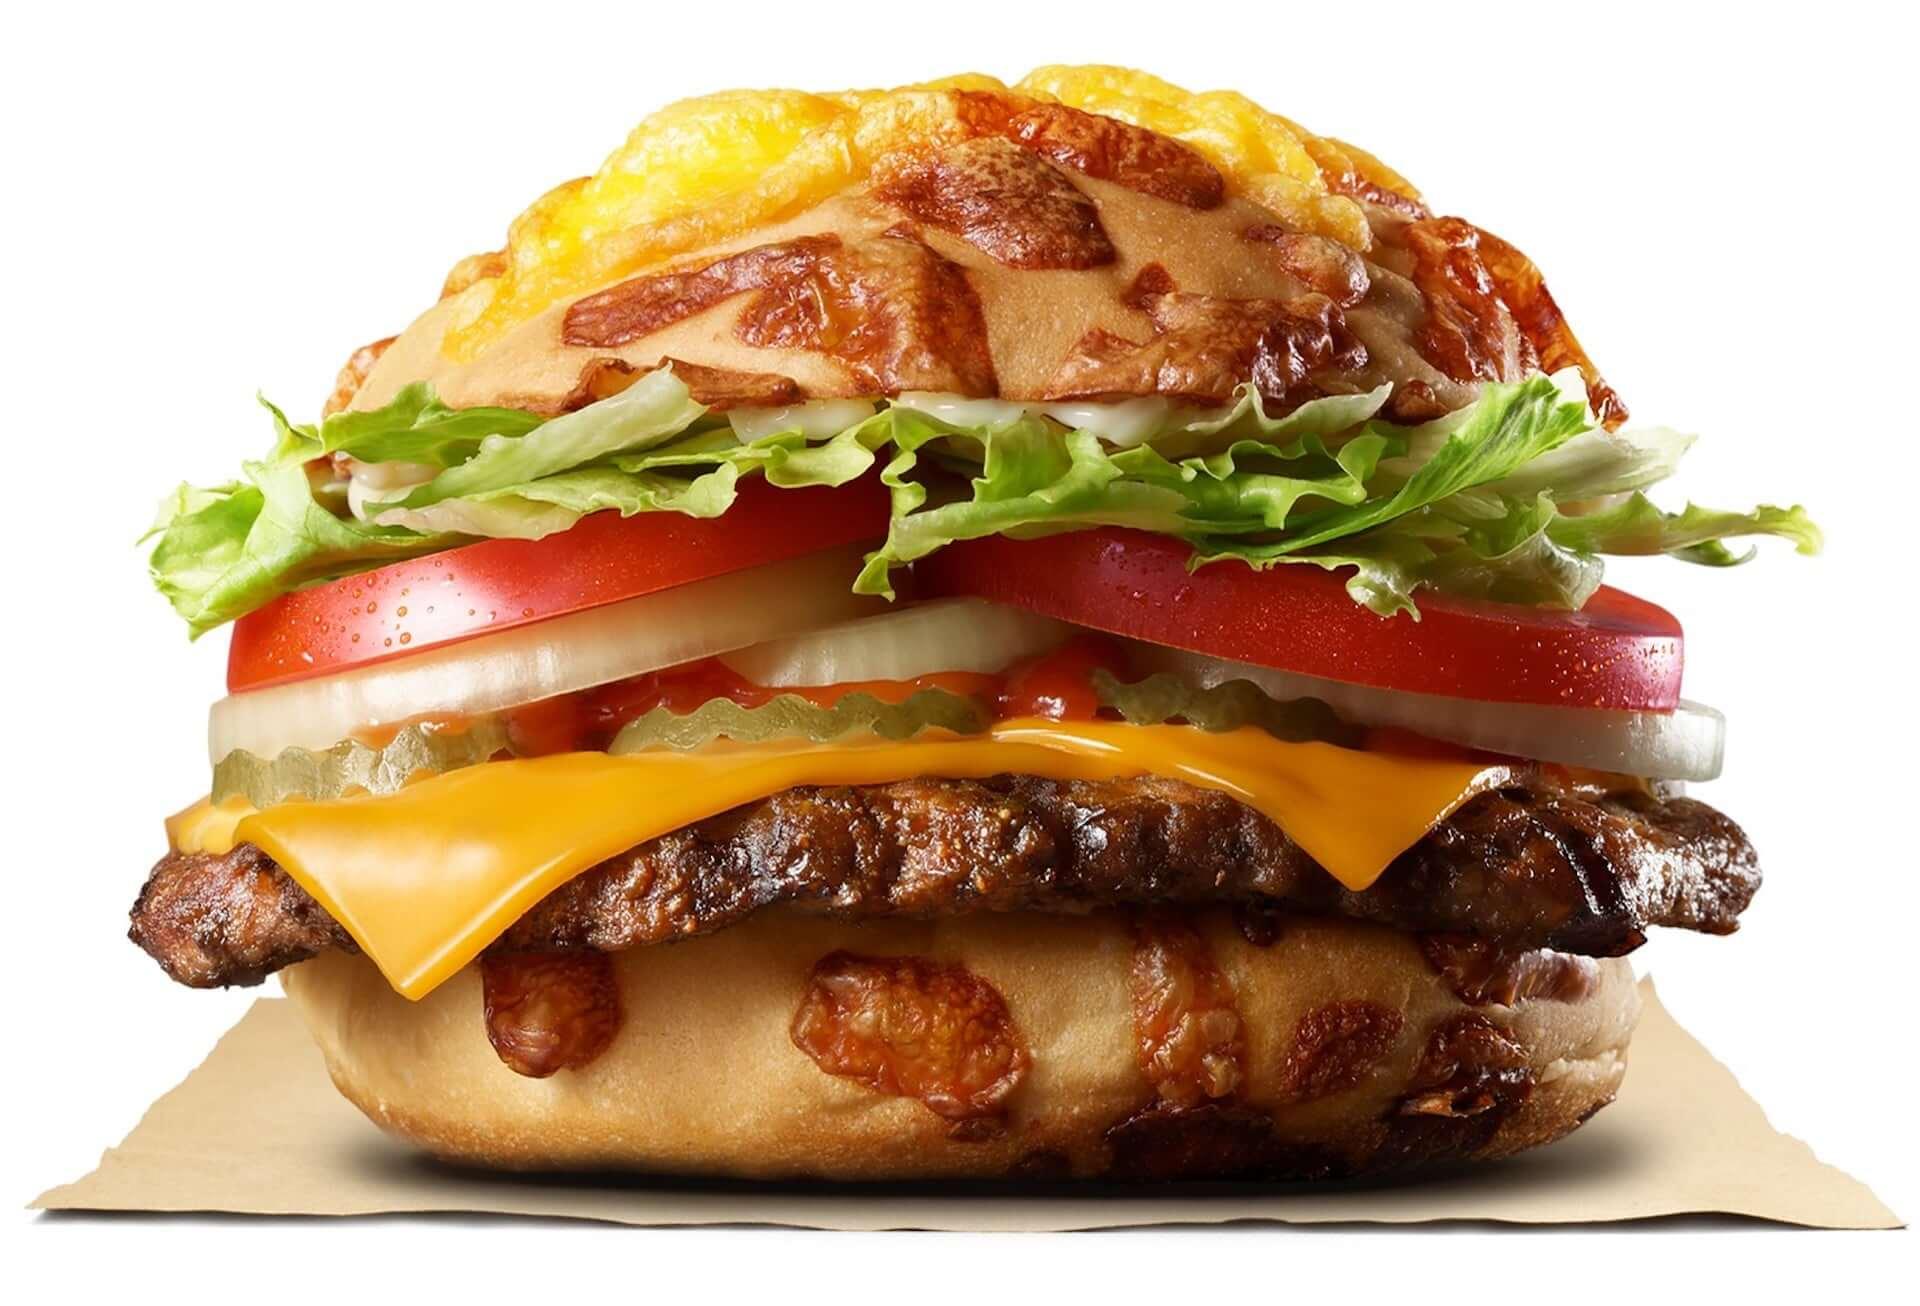 バーガーキングが4種のチーズ香る「チーズバンズ」を新開発!『チーズアグリービーフバーガー』が期間限定で販売決定 gourmet200910_burgerking_2-1920x1306